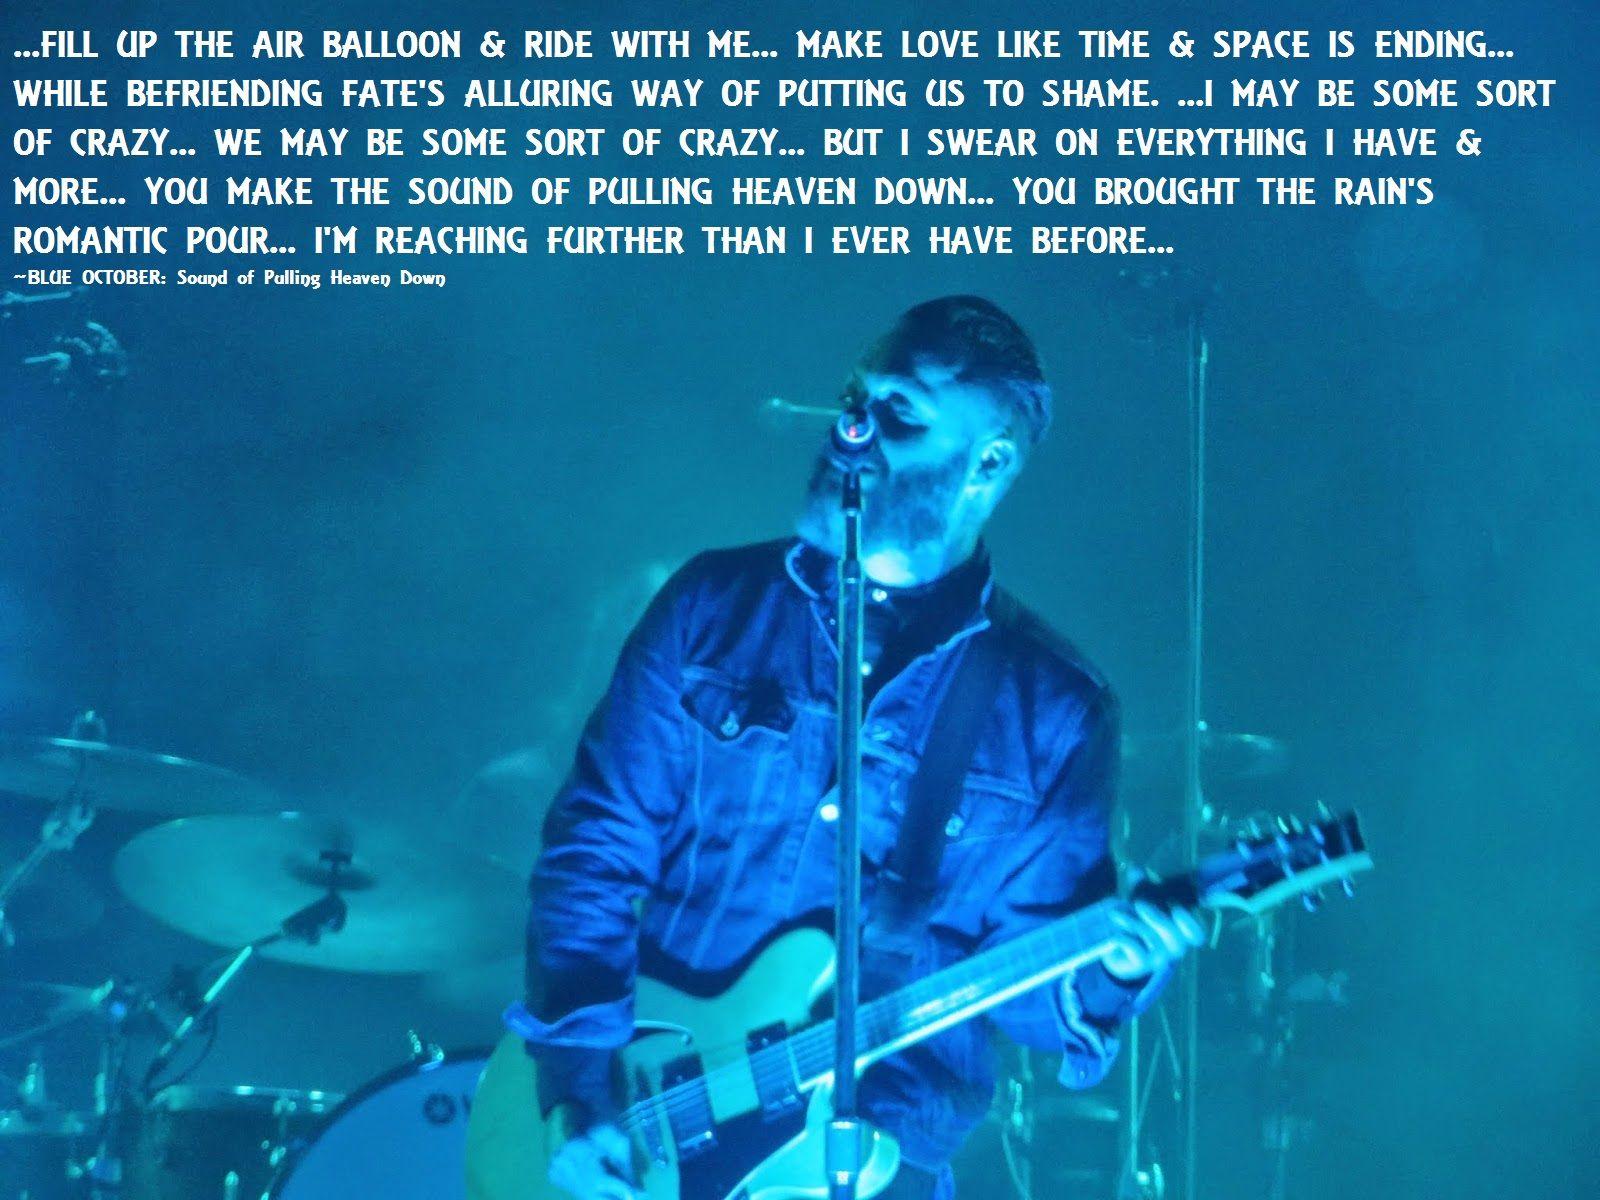 Blue October Follow Through Lyrics Febfedcabab